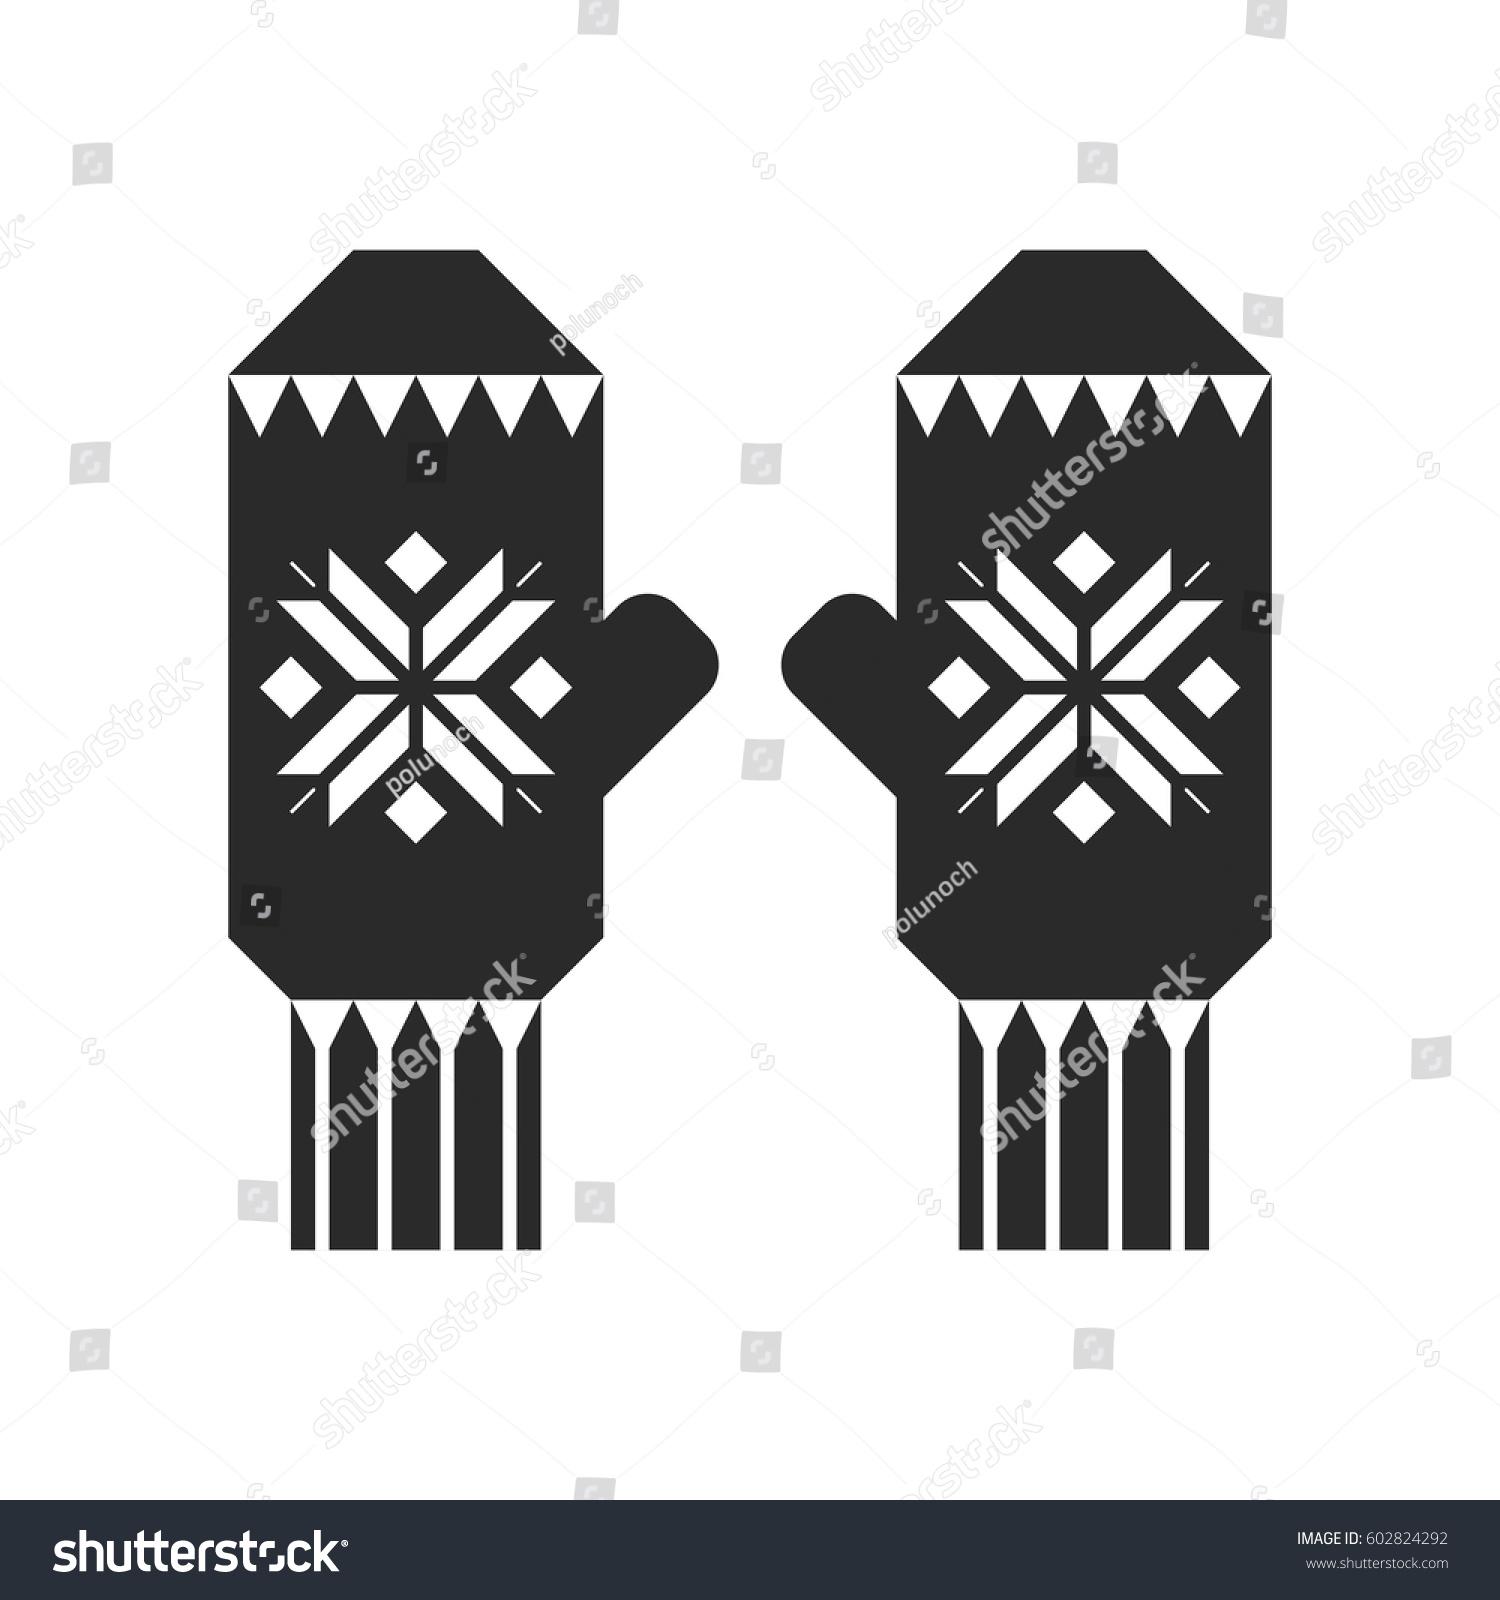 Winter Sports Outdoor Activities Equipment Couple Stock Vector